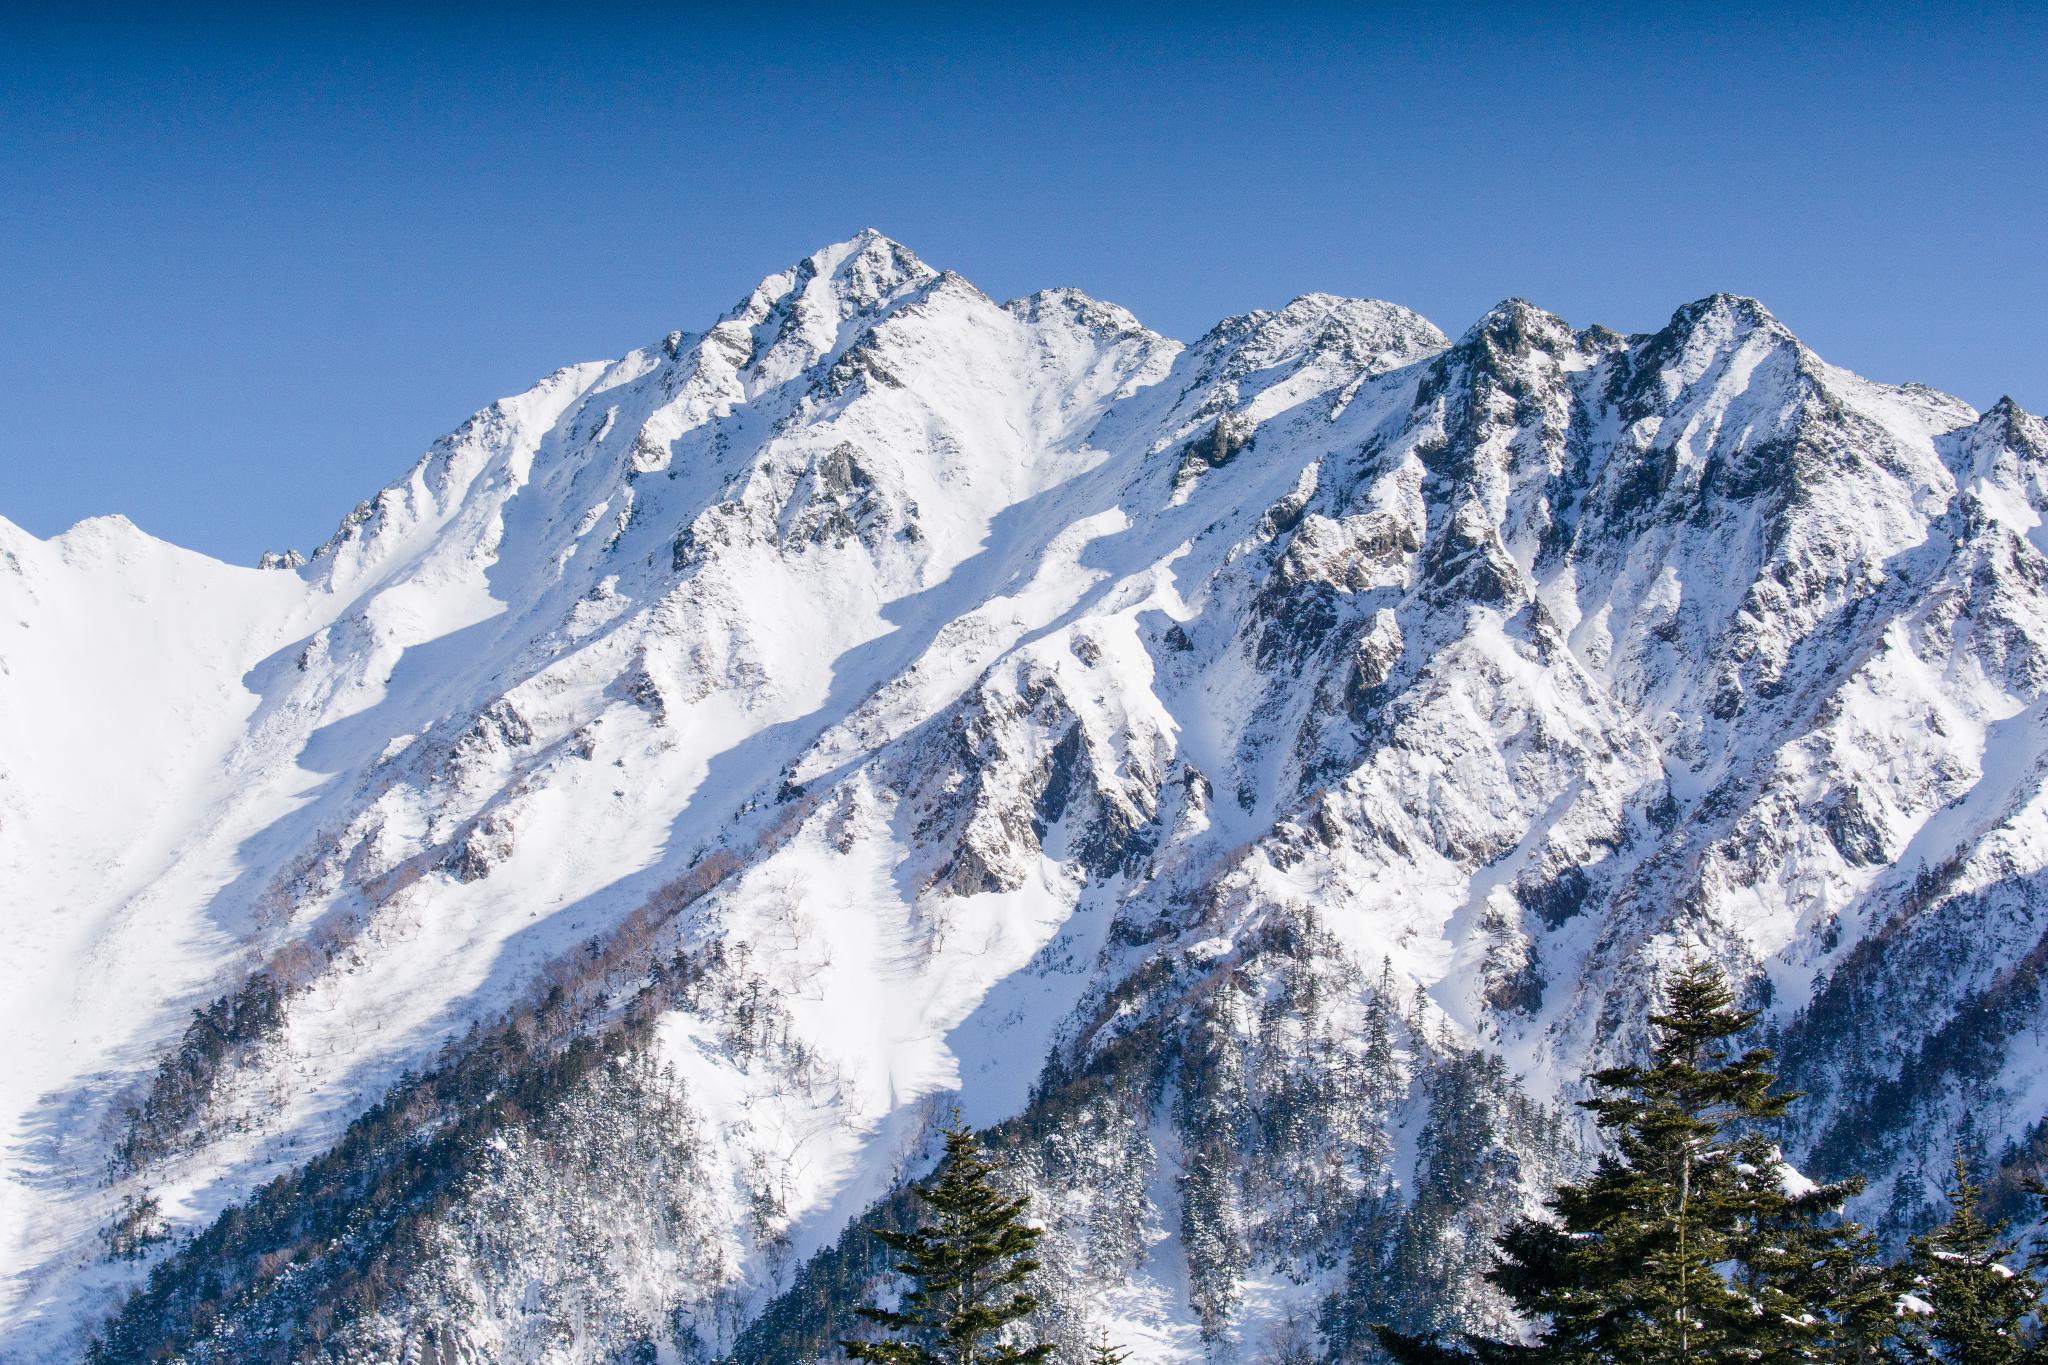 【岐阜】超級推薦!奧飛驒溫泉鄉的冬季戀歌 ~ 新穗高纜車雪景攻略 102